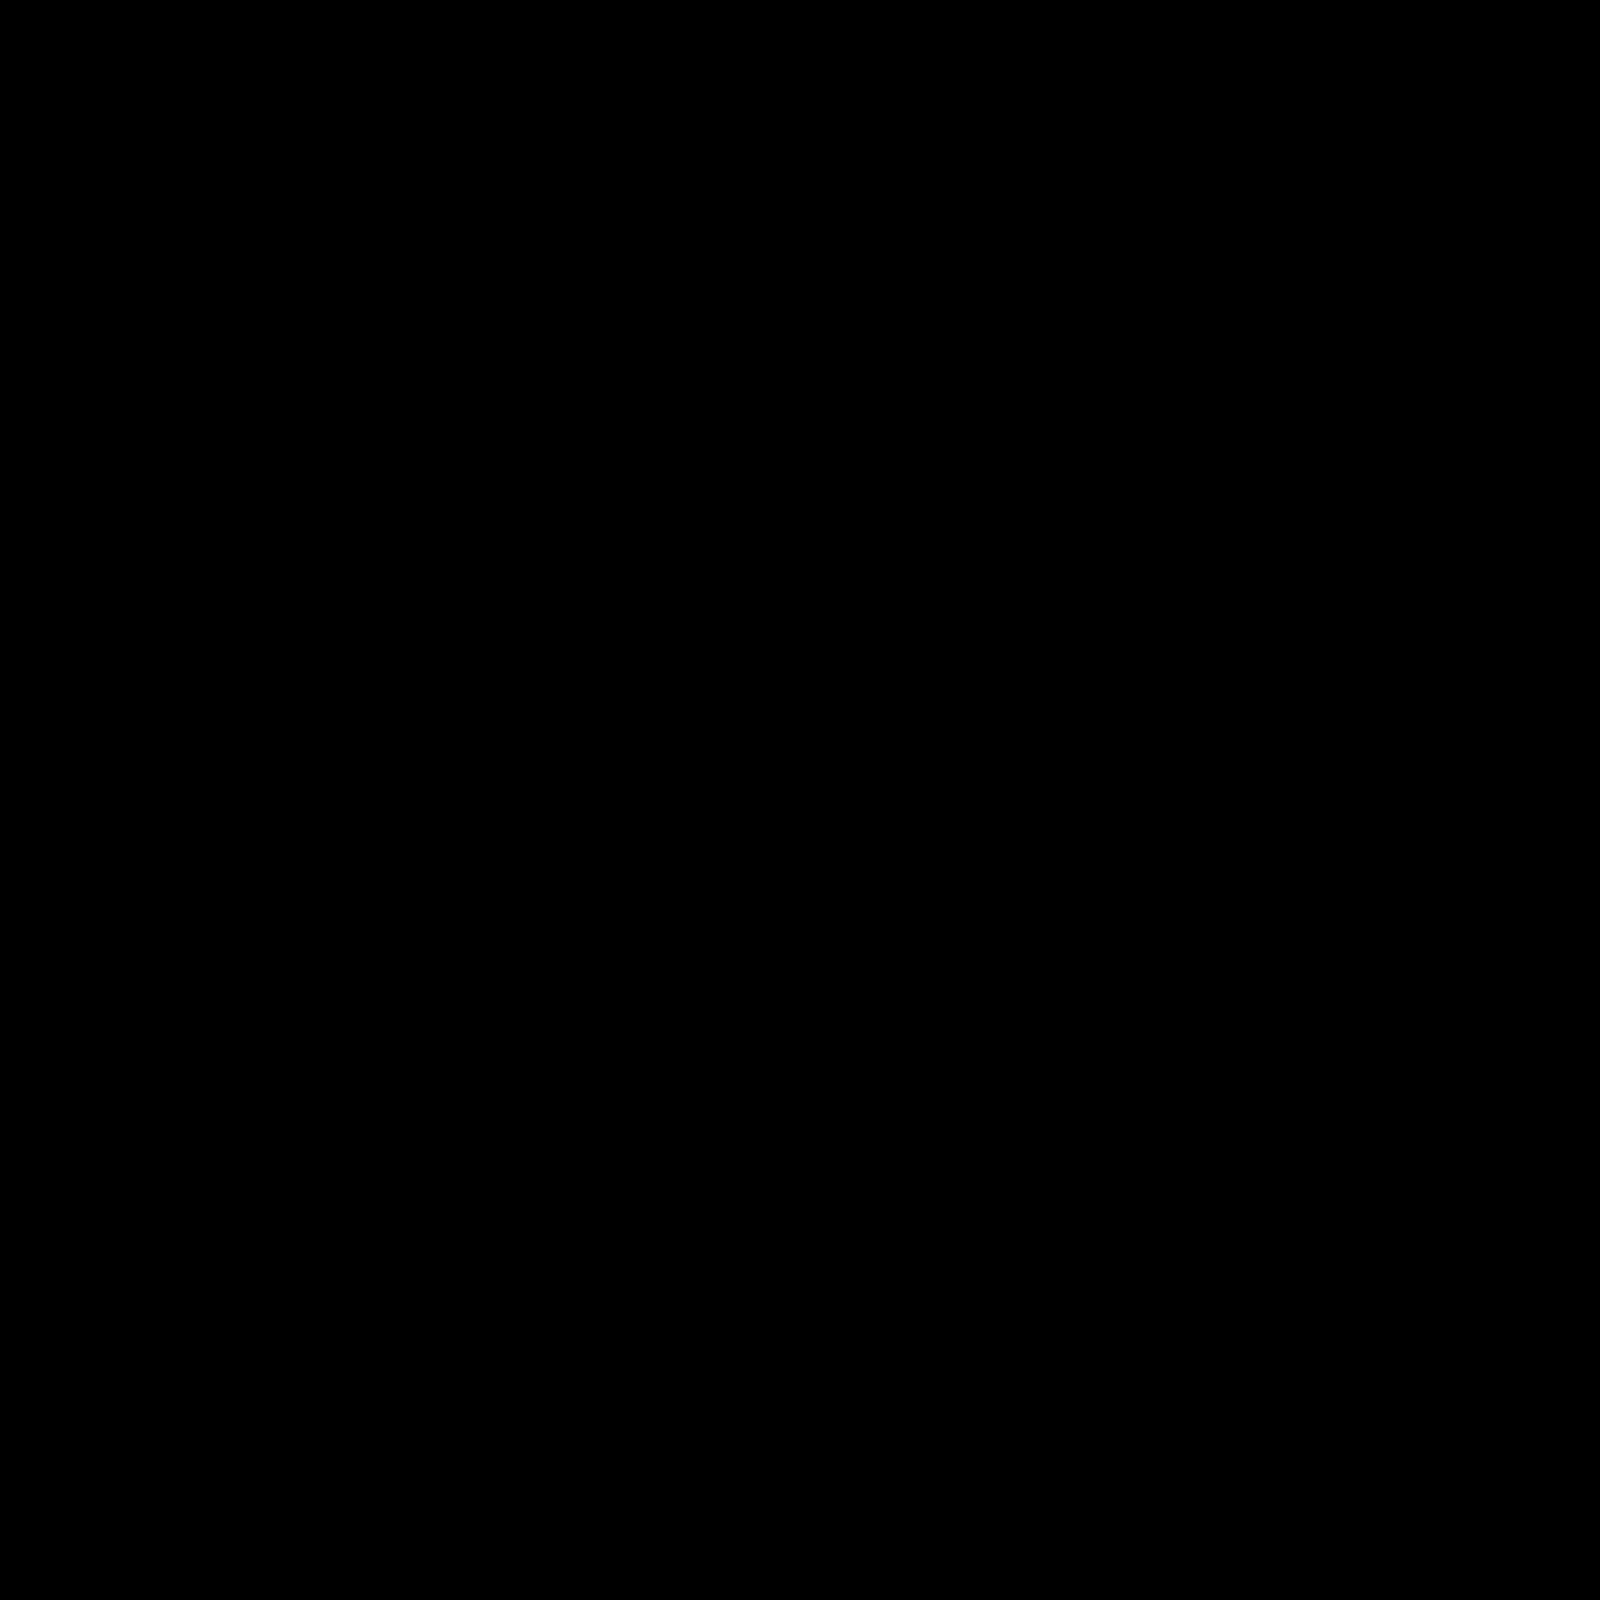 Patka icon